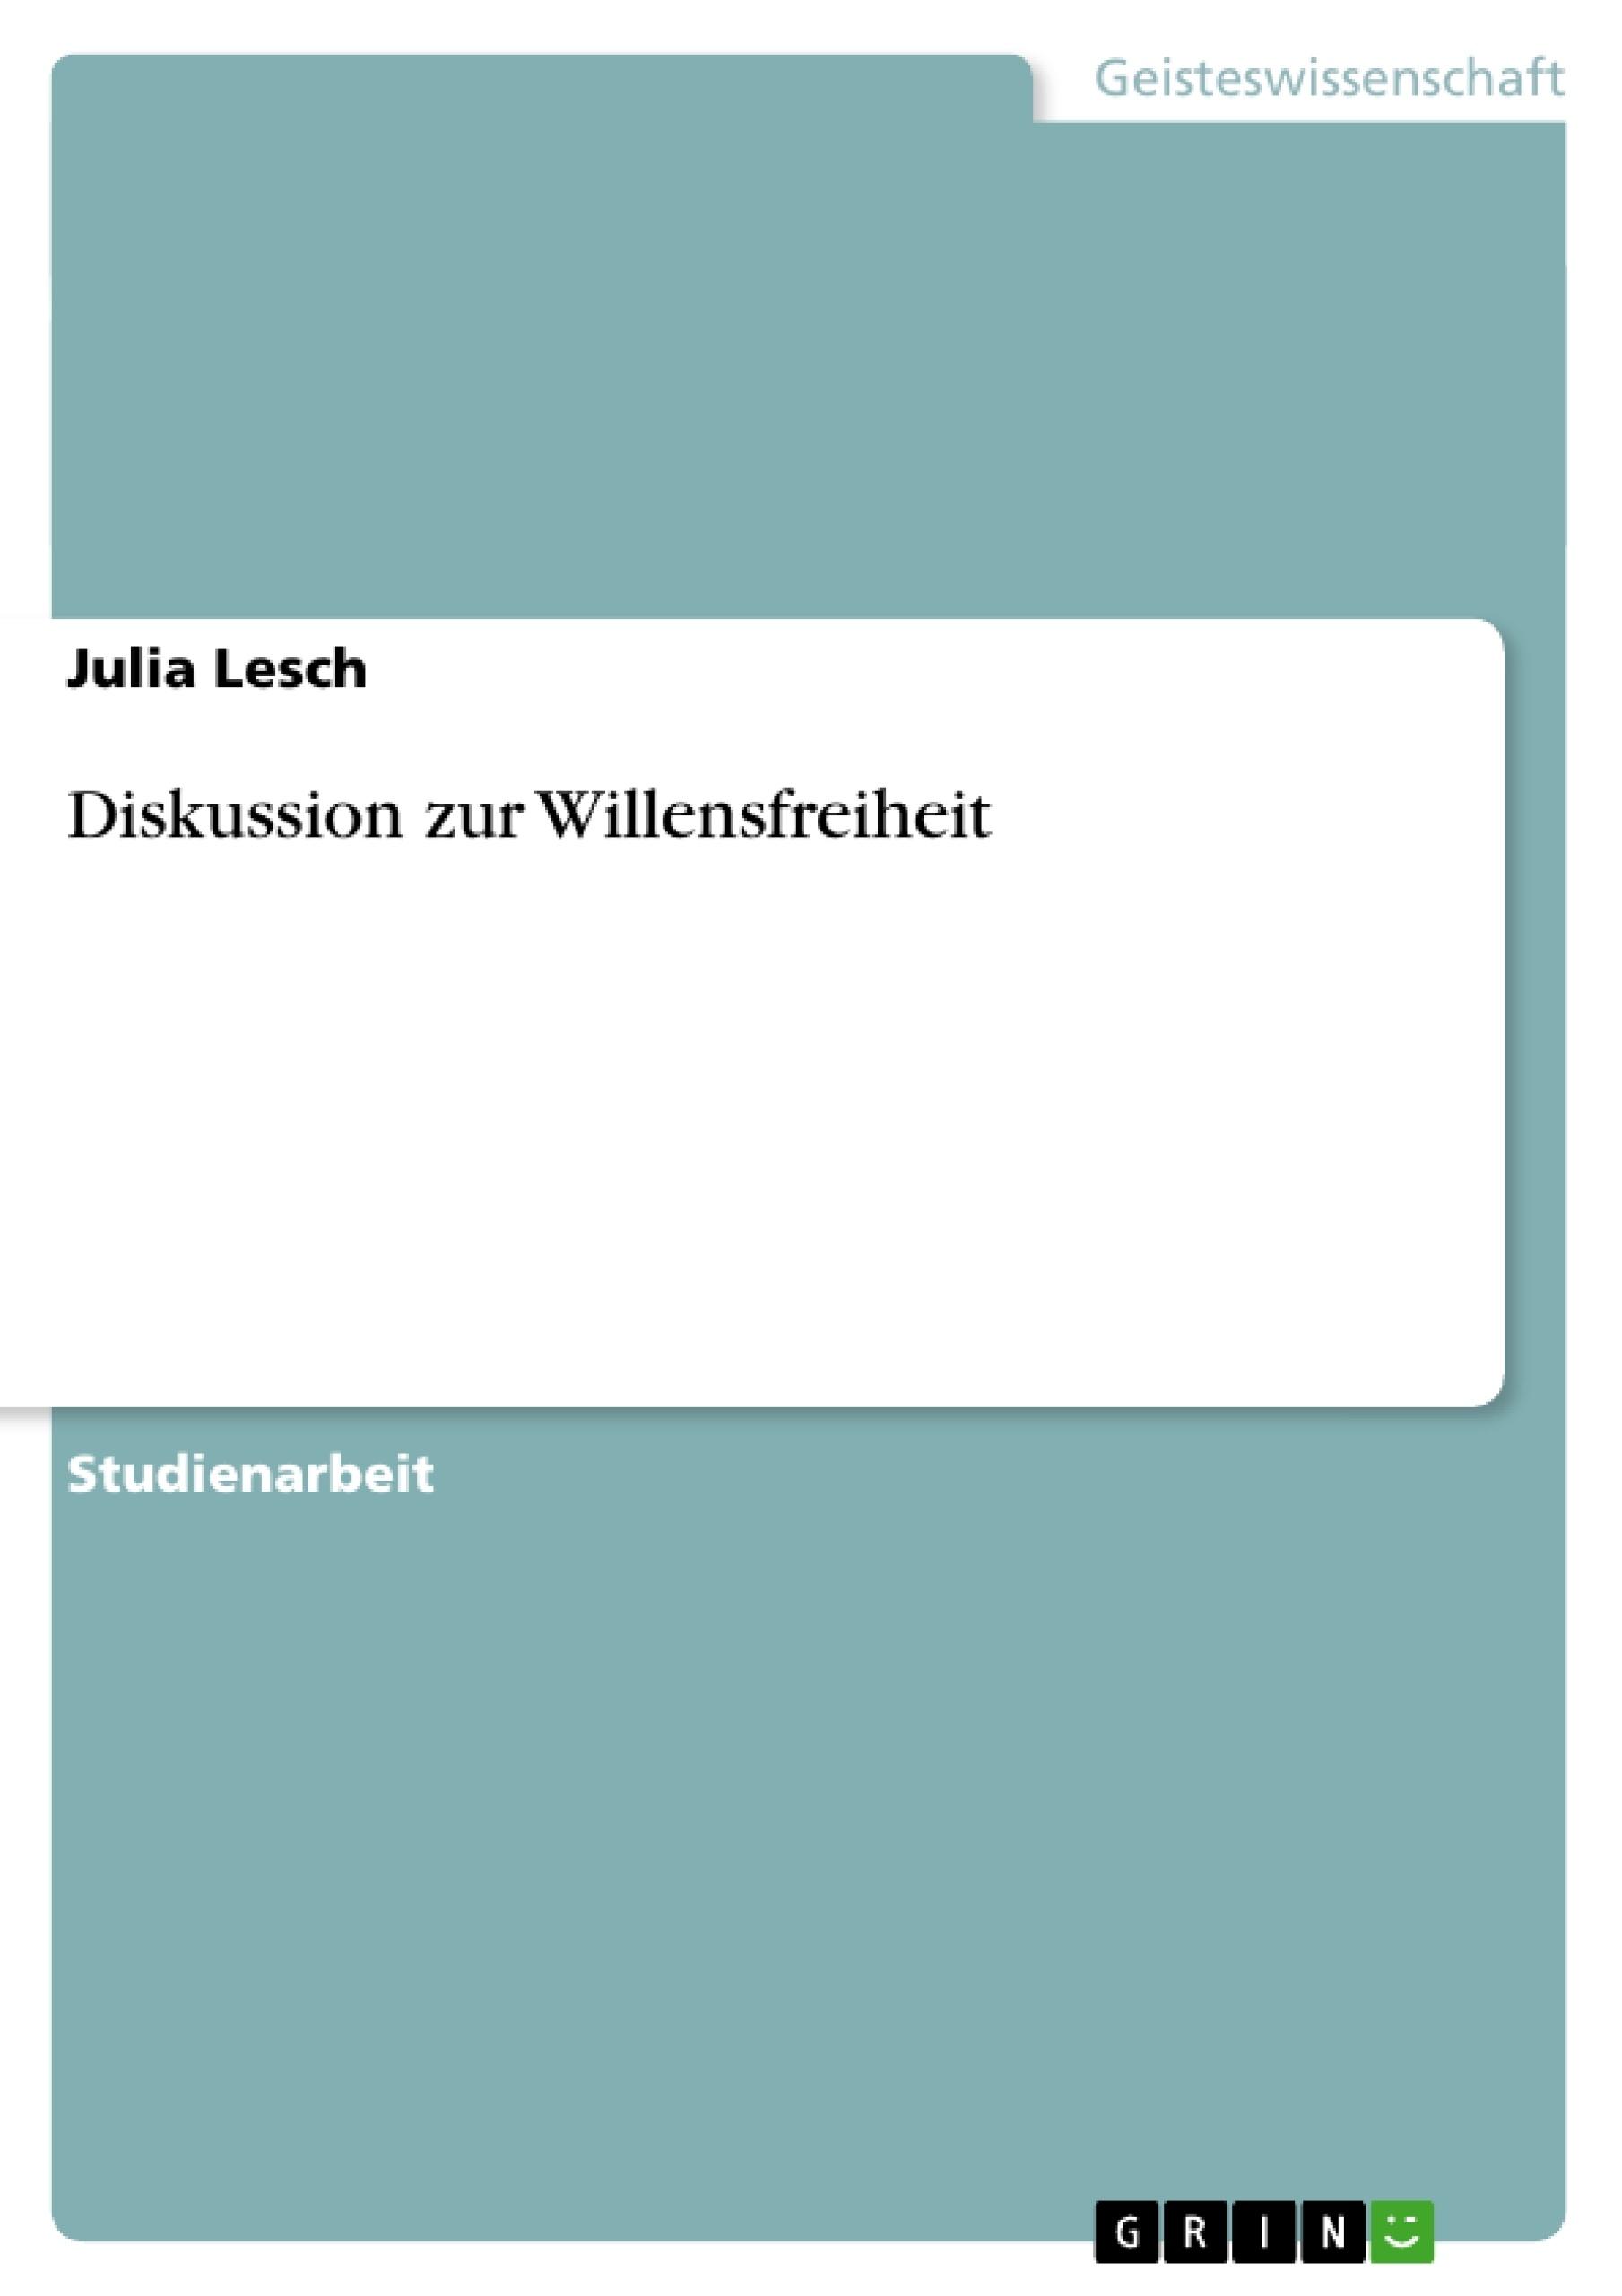 Titel: Diskussion zur Willensfreiheit